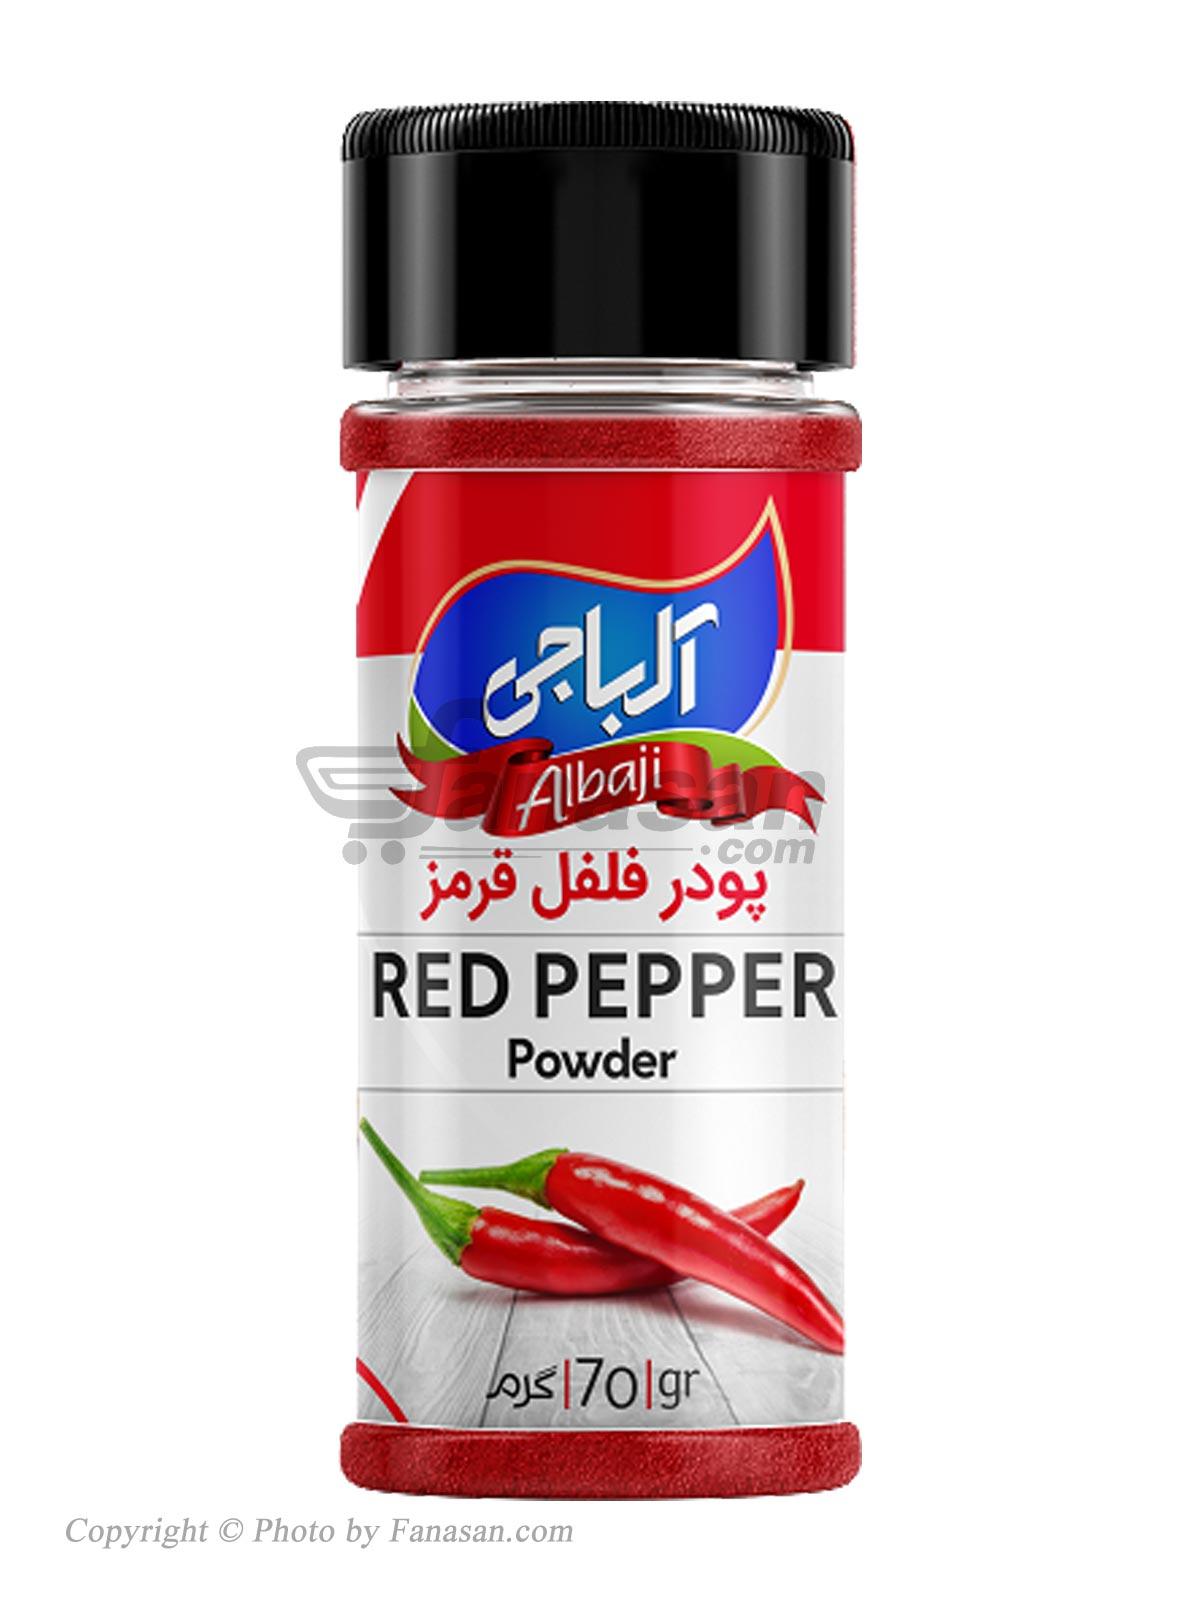 فلفل قرمز آلباجی 70 گرم